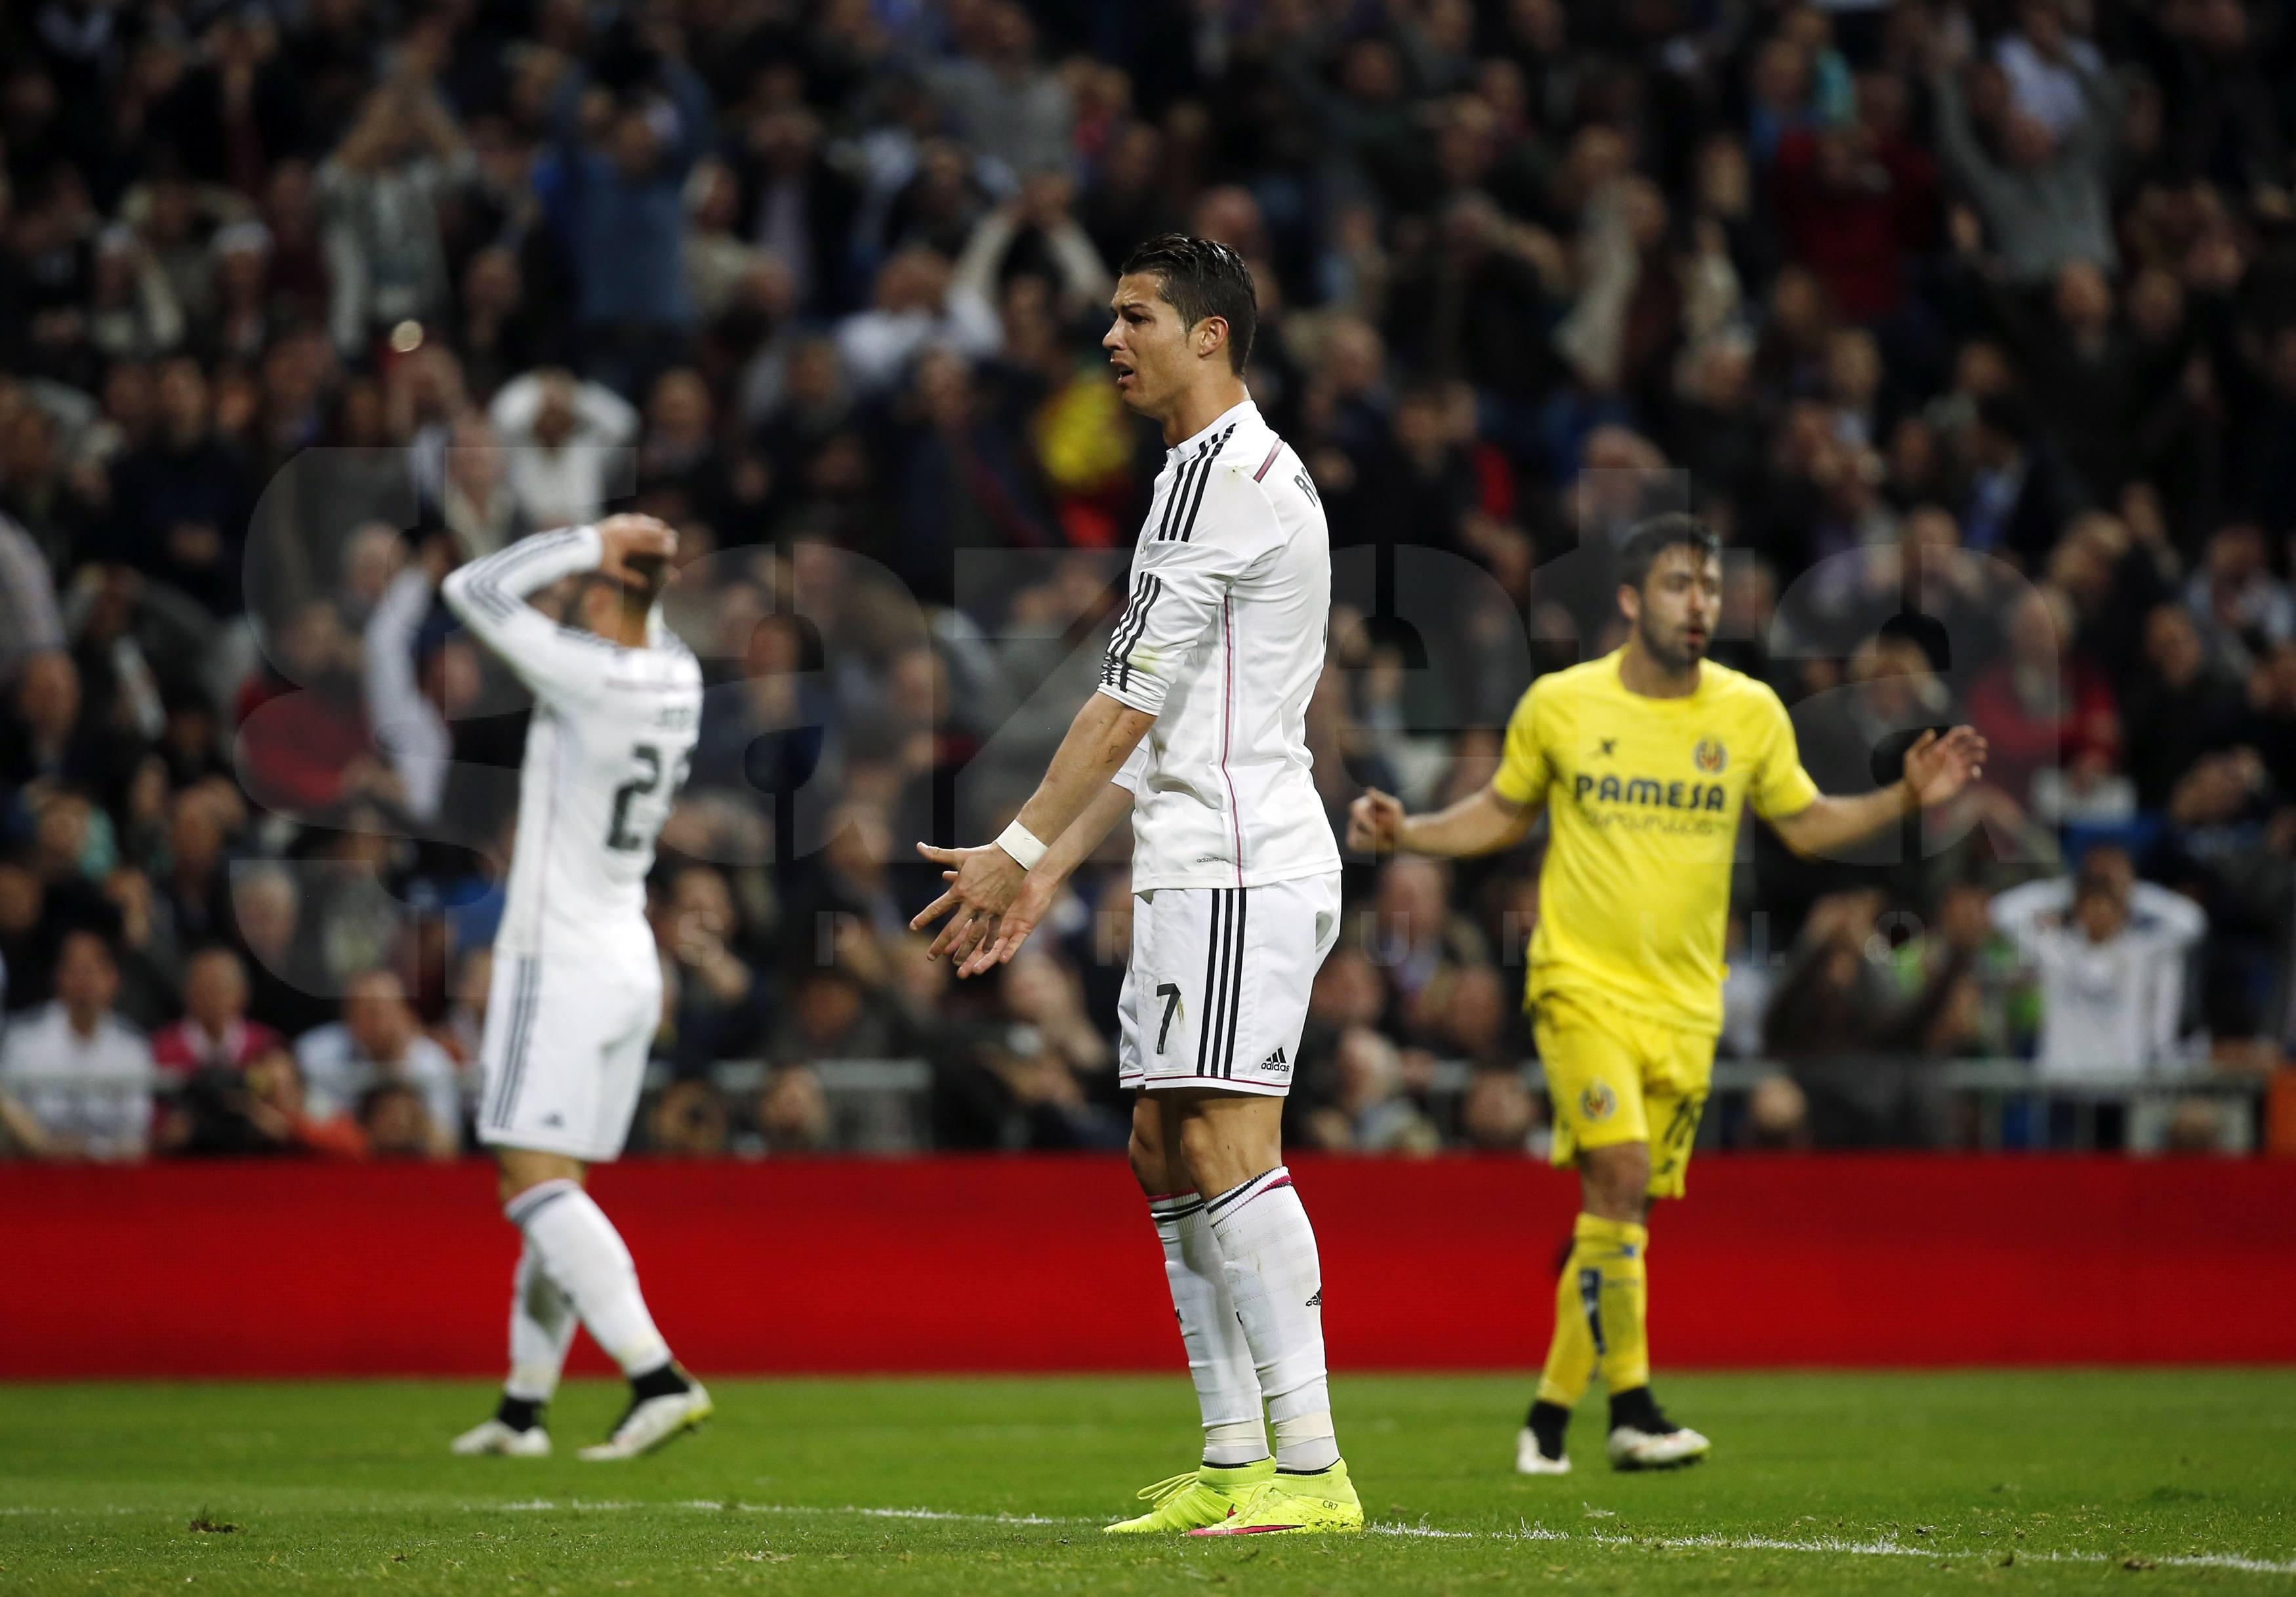 VIDEO Real Madrid, egal neaşteptat cu o echipă a lui Villarreal formată în mare parte din rezerve » Cristiano Ronaldo, golul 30 în La Liga